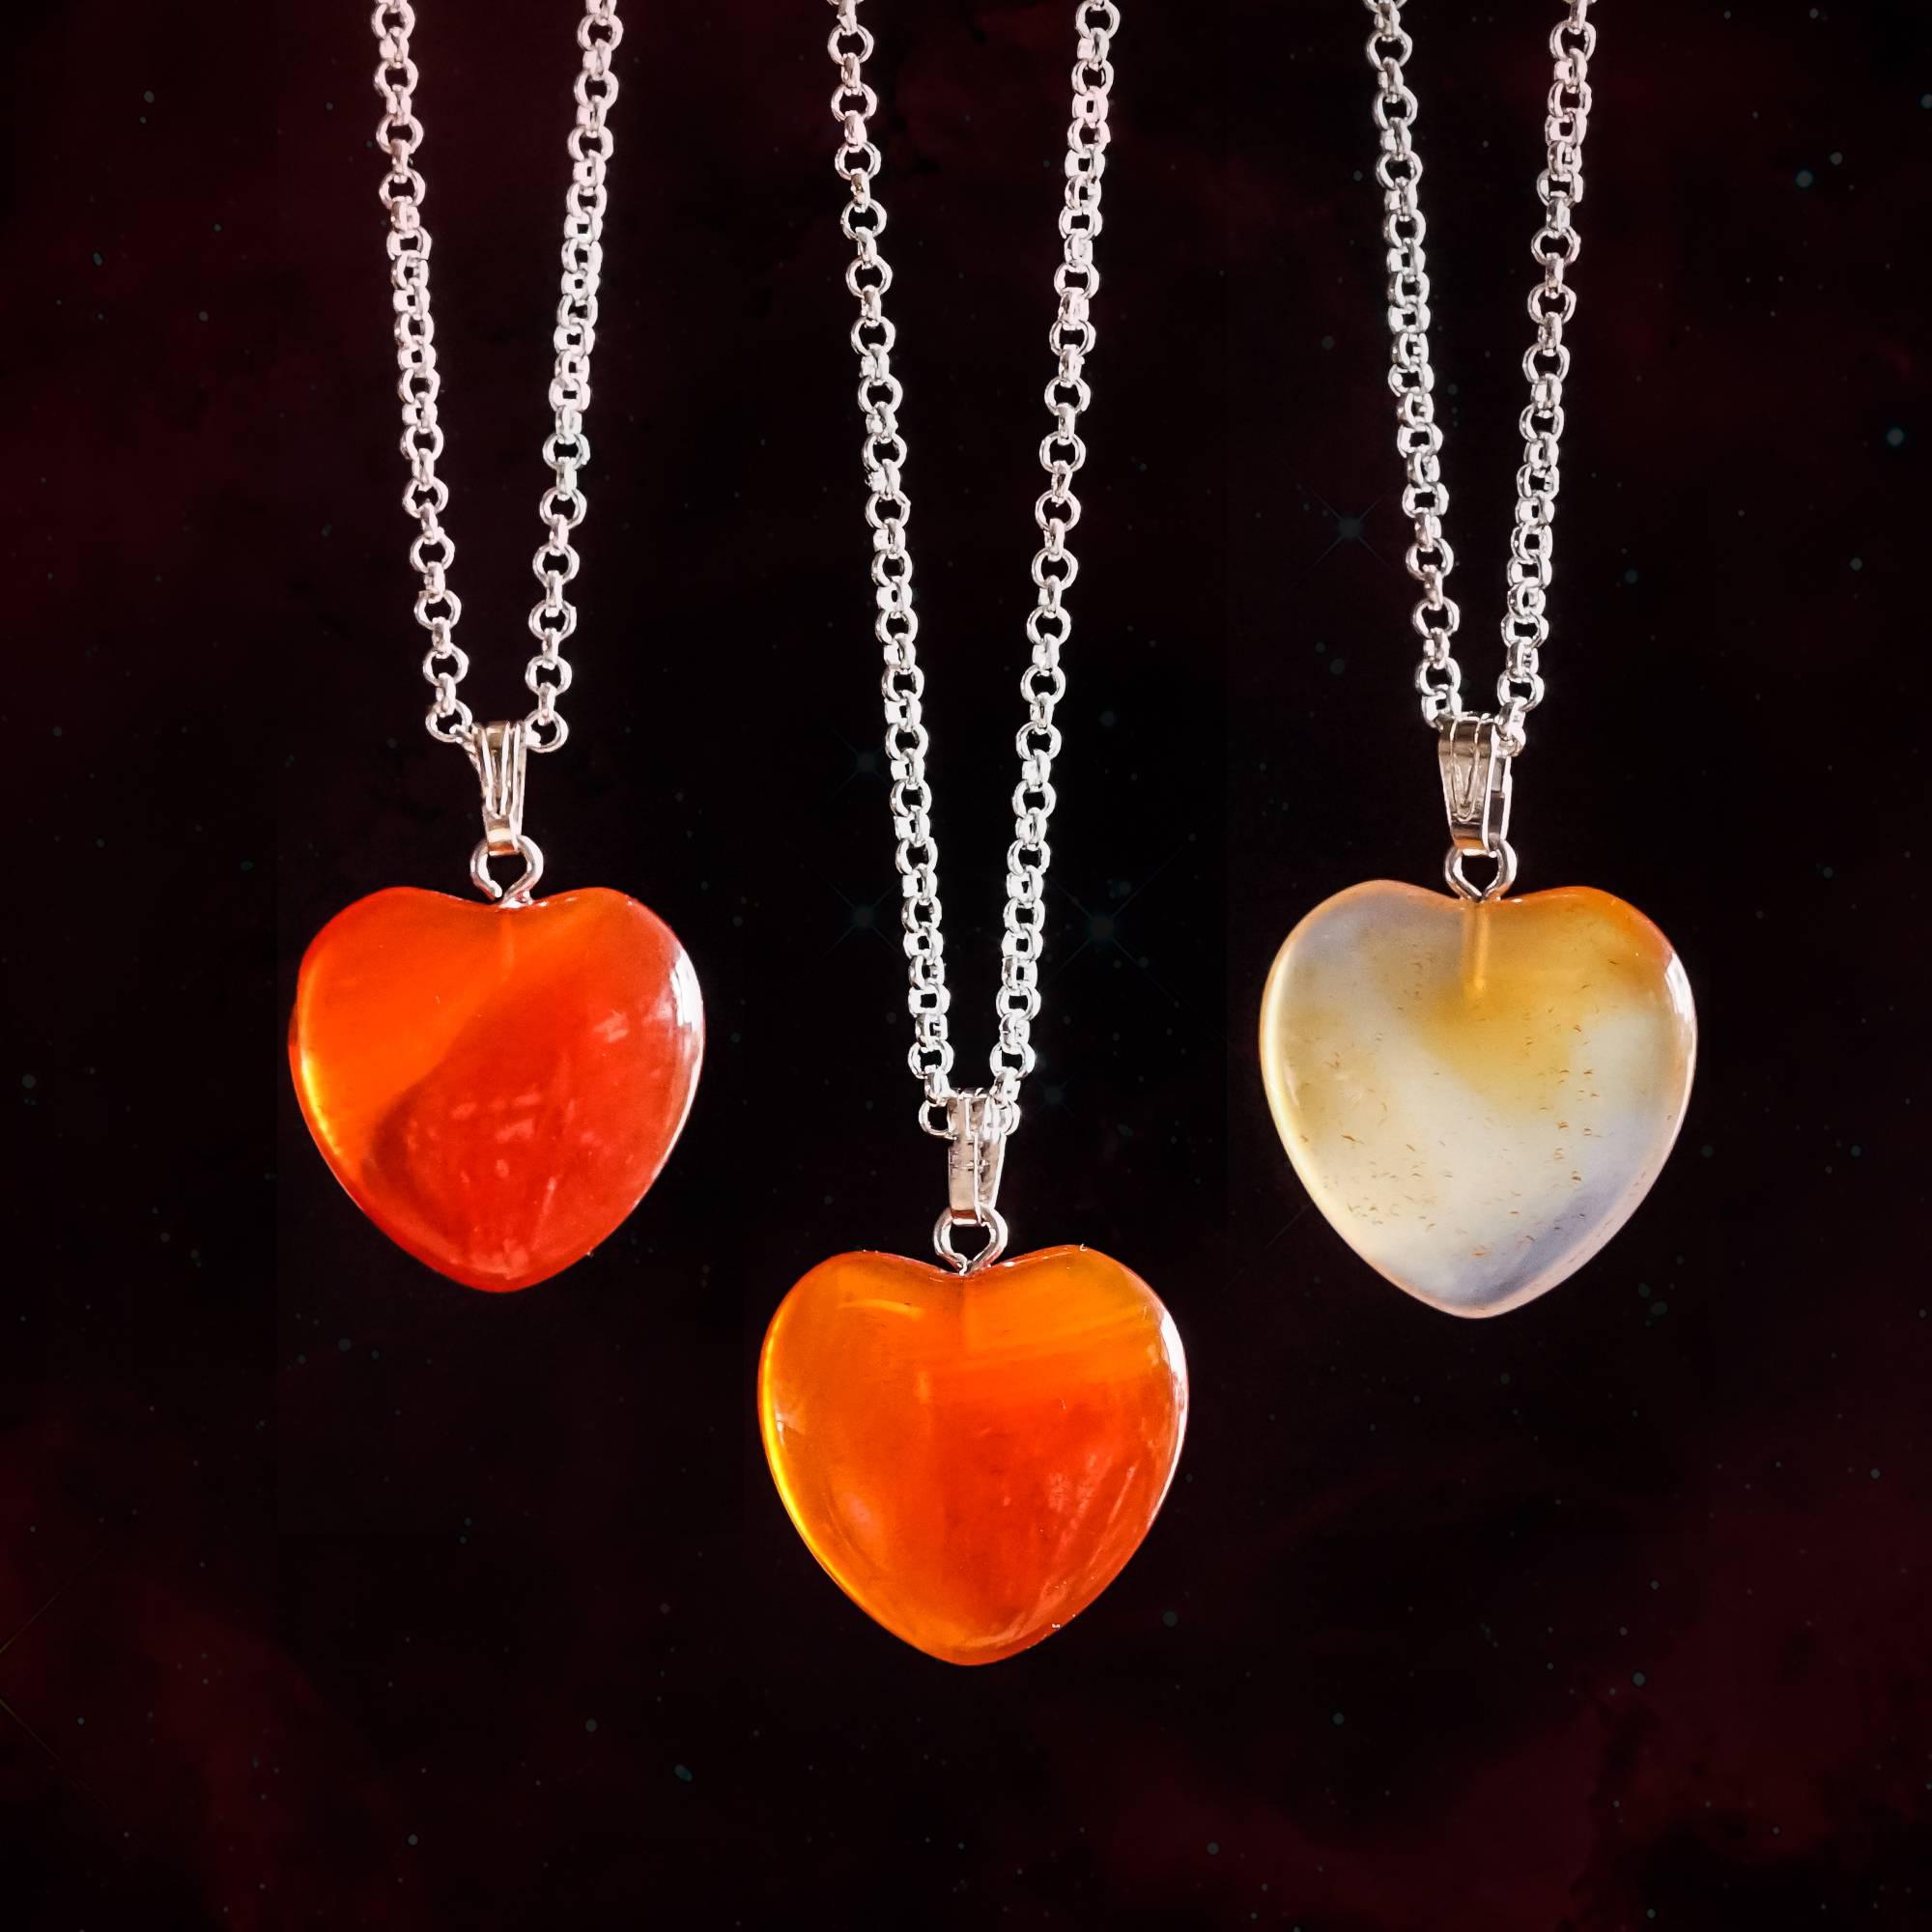 carnelian heart pendants